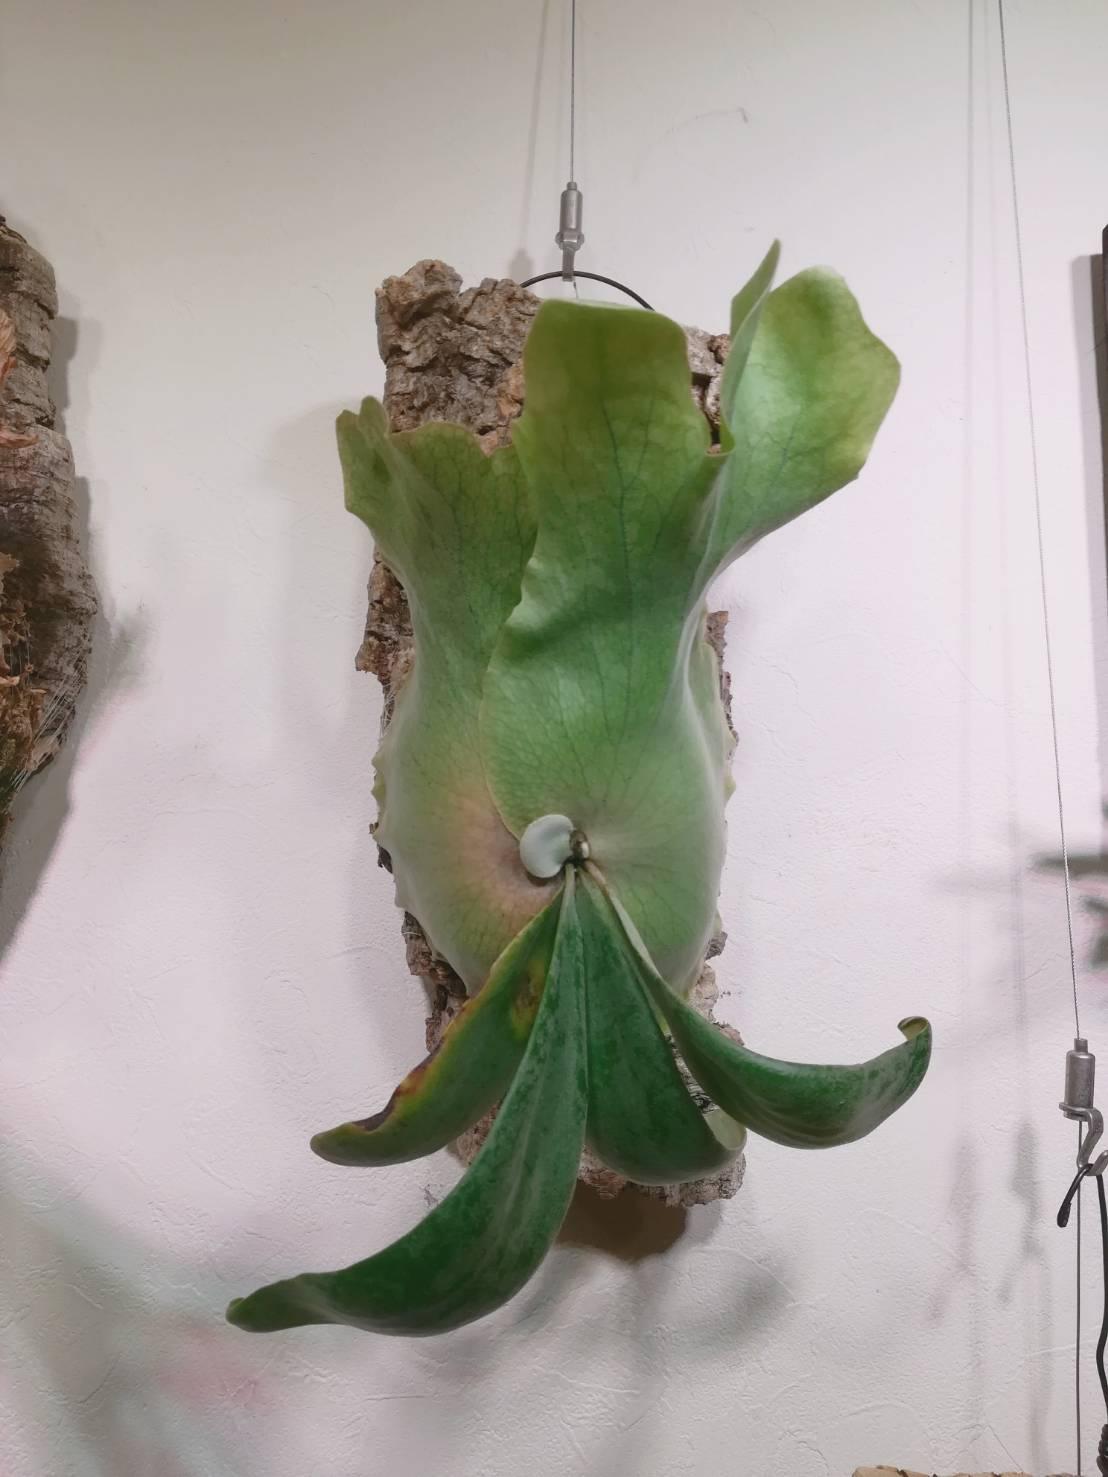 ビカクシダ・ウィリンキーcv.Dparisは貯水葉に個性があるのか。≪コルク付けから5カ月経過。≫